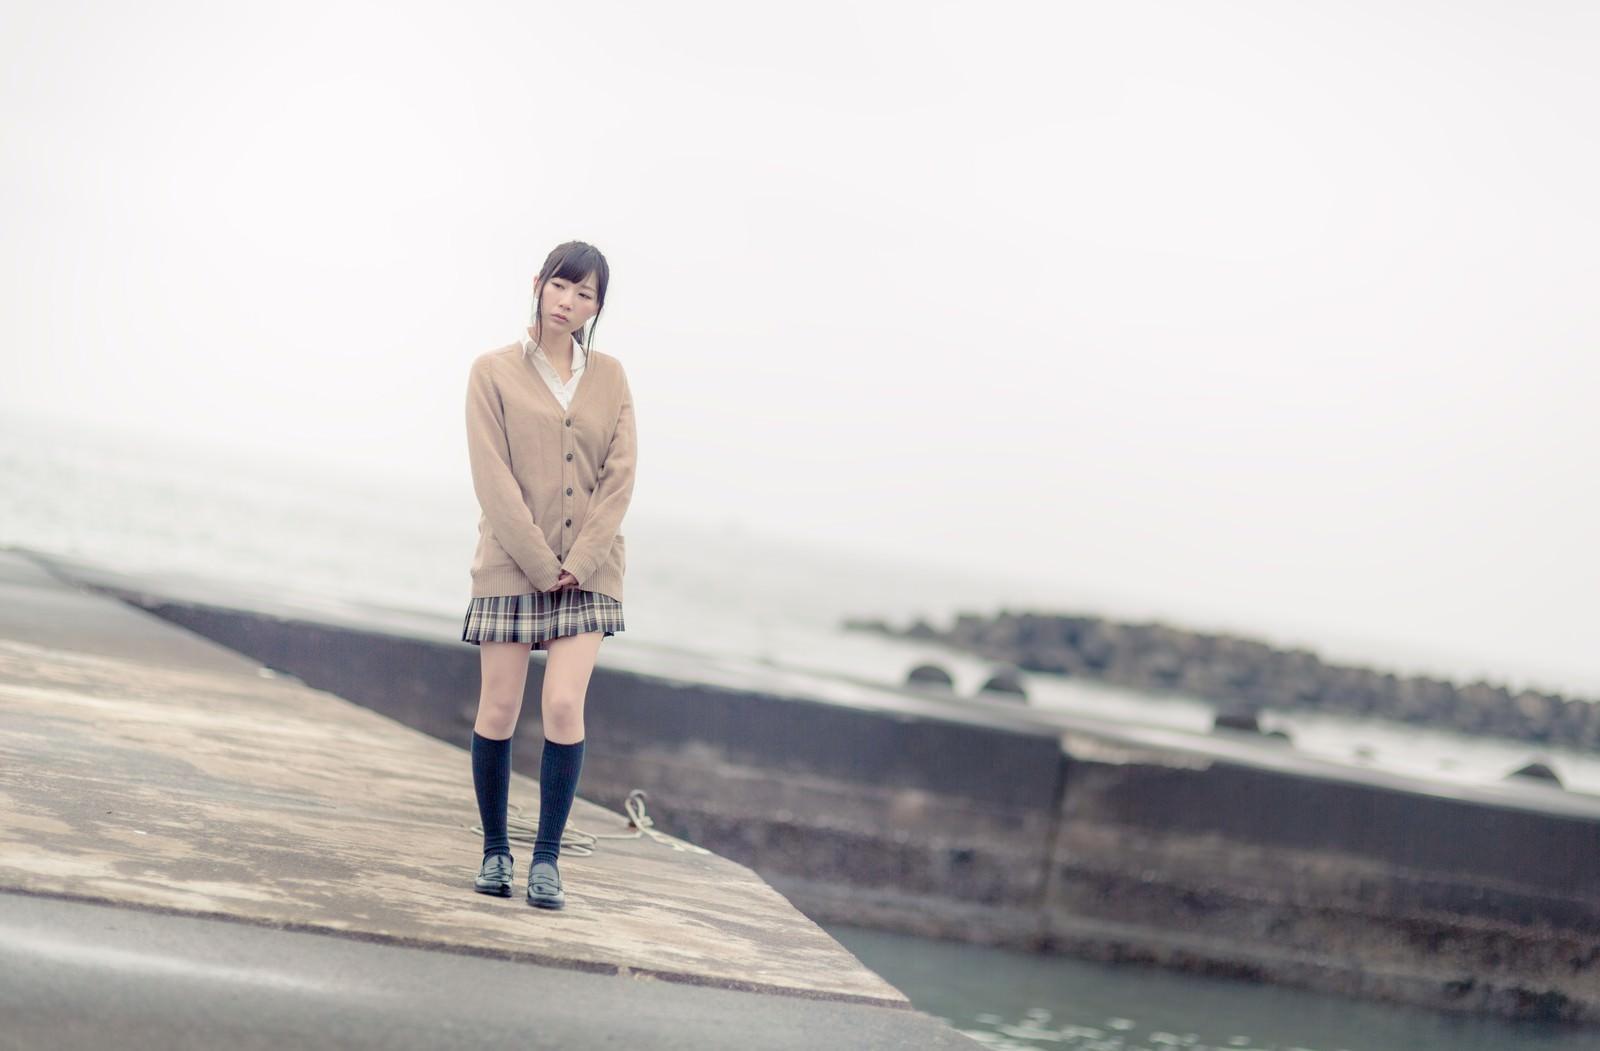 「埠頭を歩く女子高生」の写真[モデル:伊藤里織]